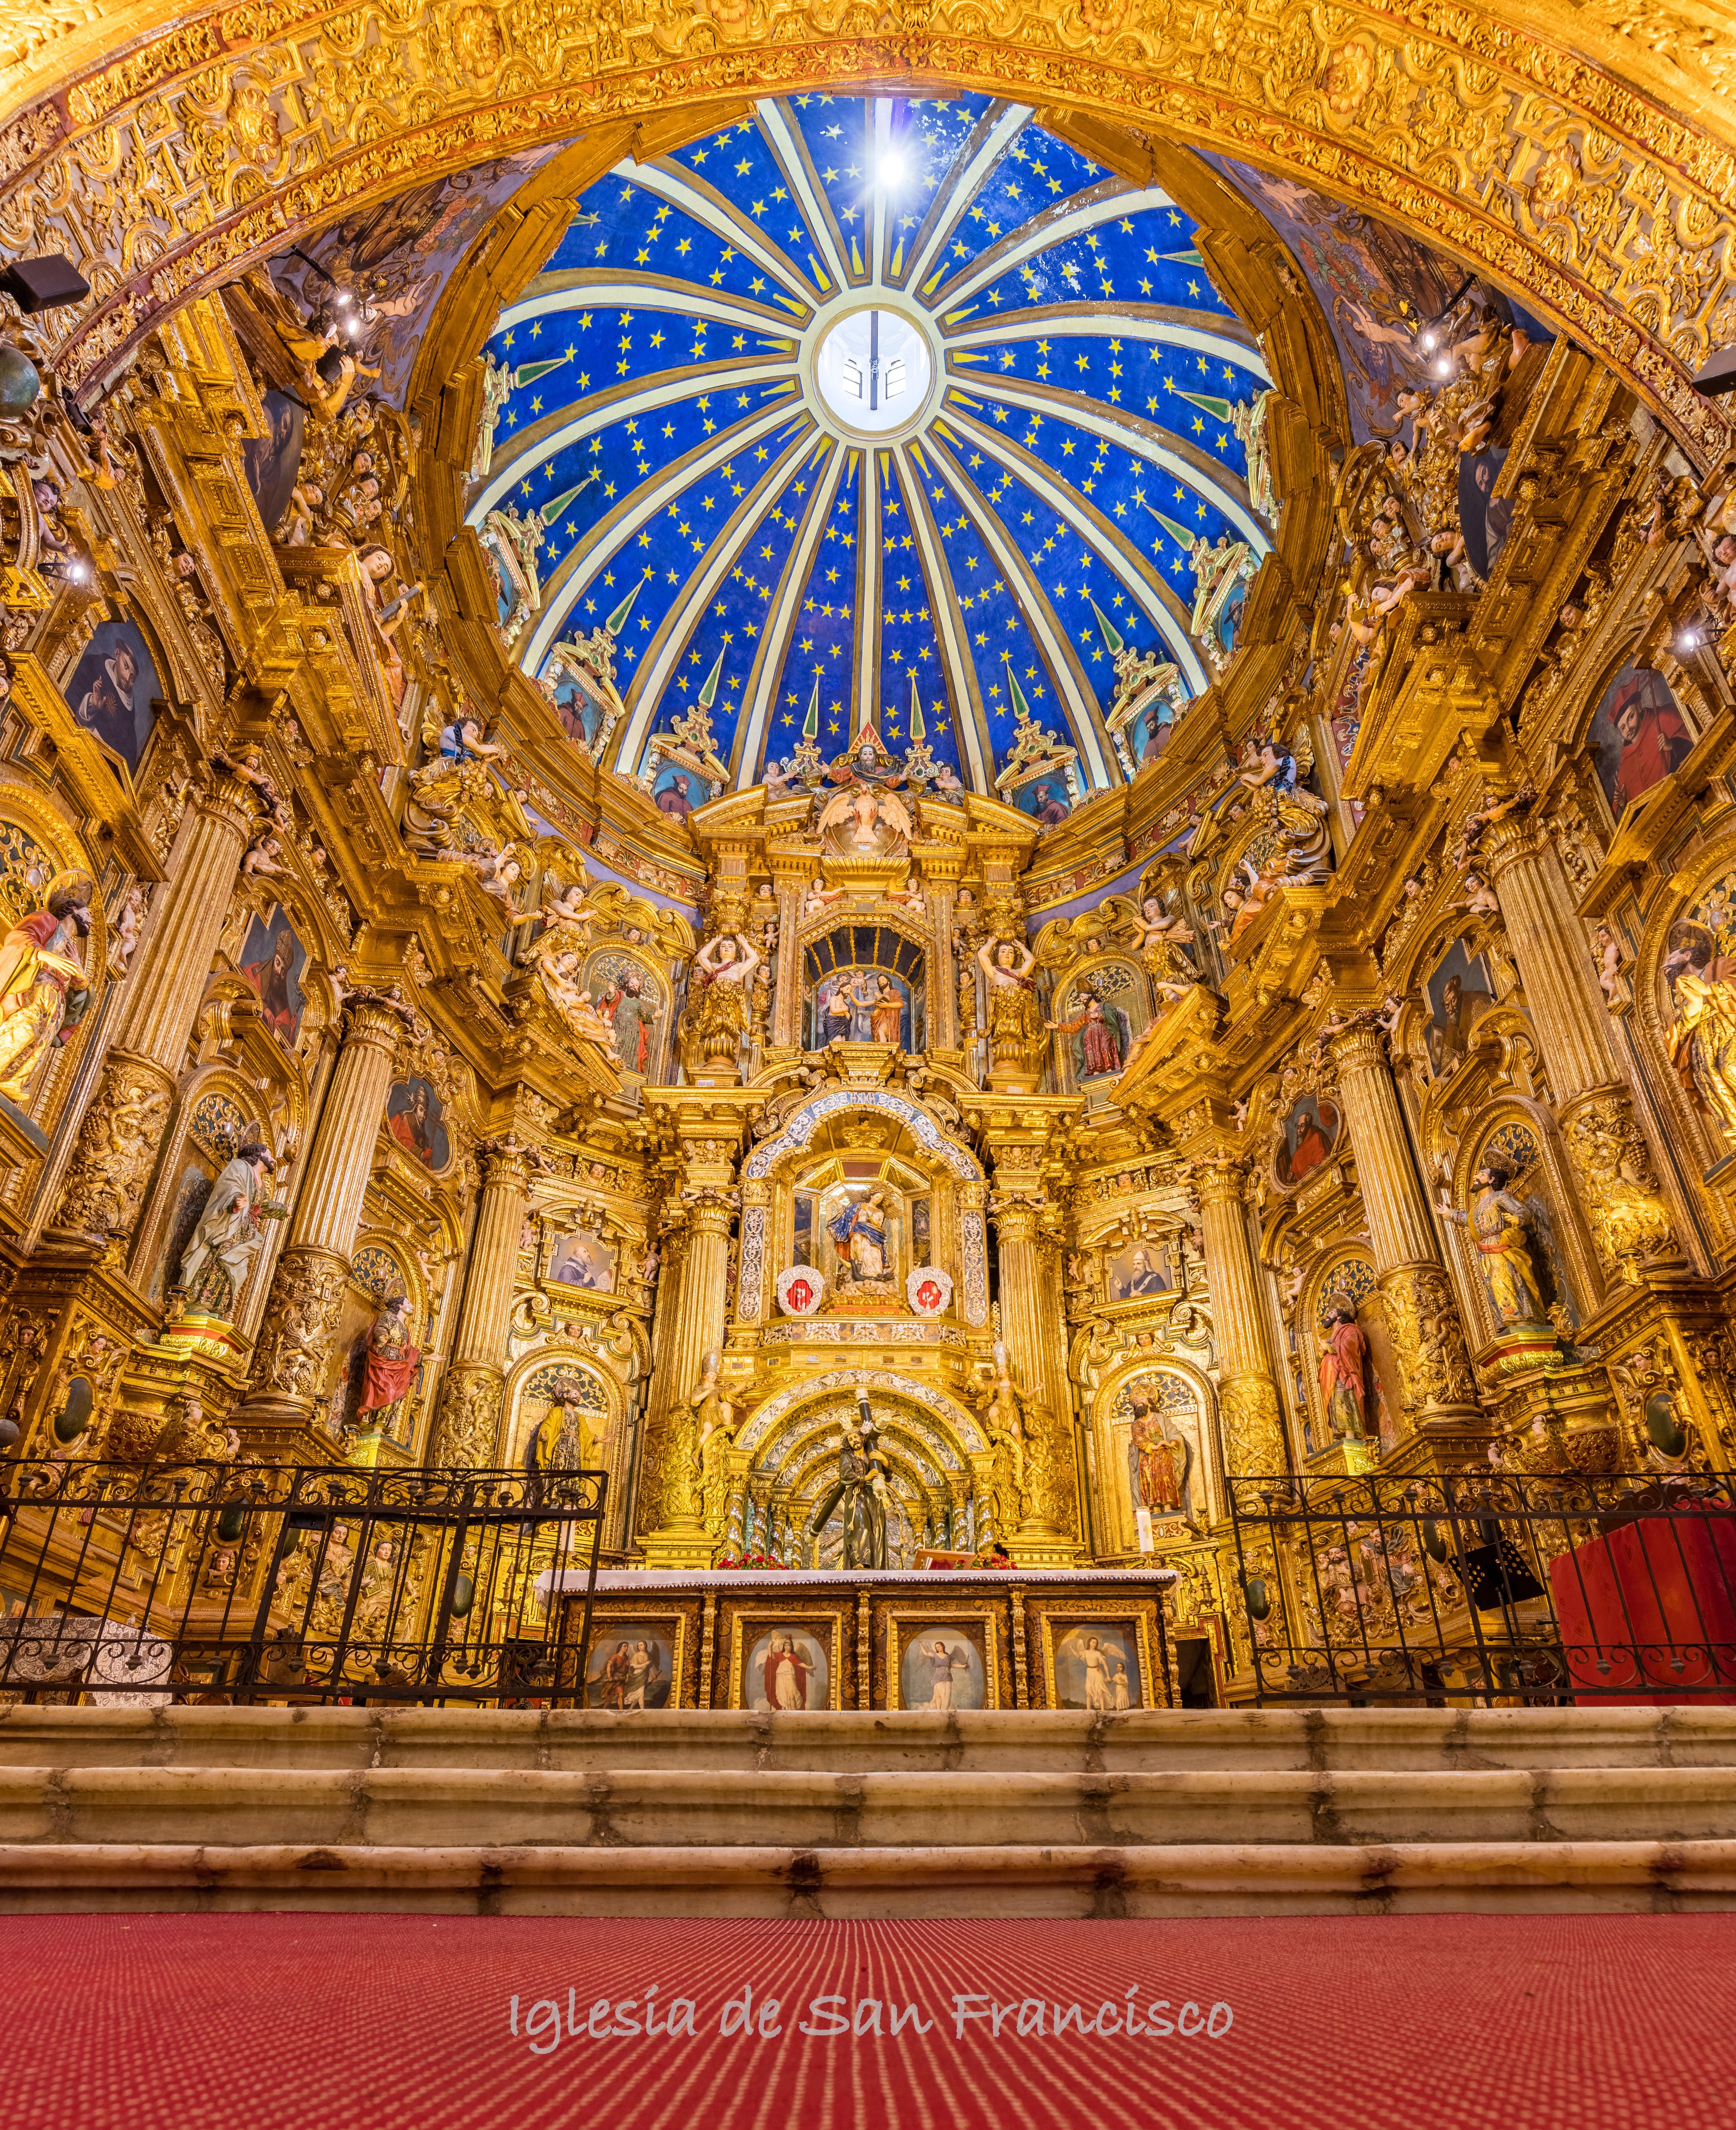 Iglesia_de_San_Francisco,_Quito,_Ecuador,_2015-07-22,_DD_162-164_HDR